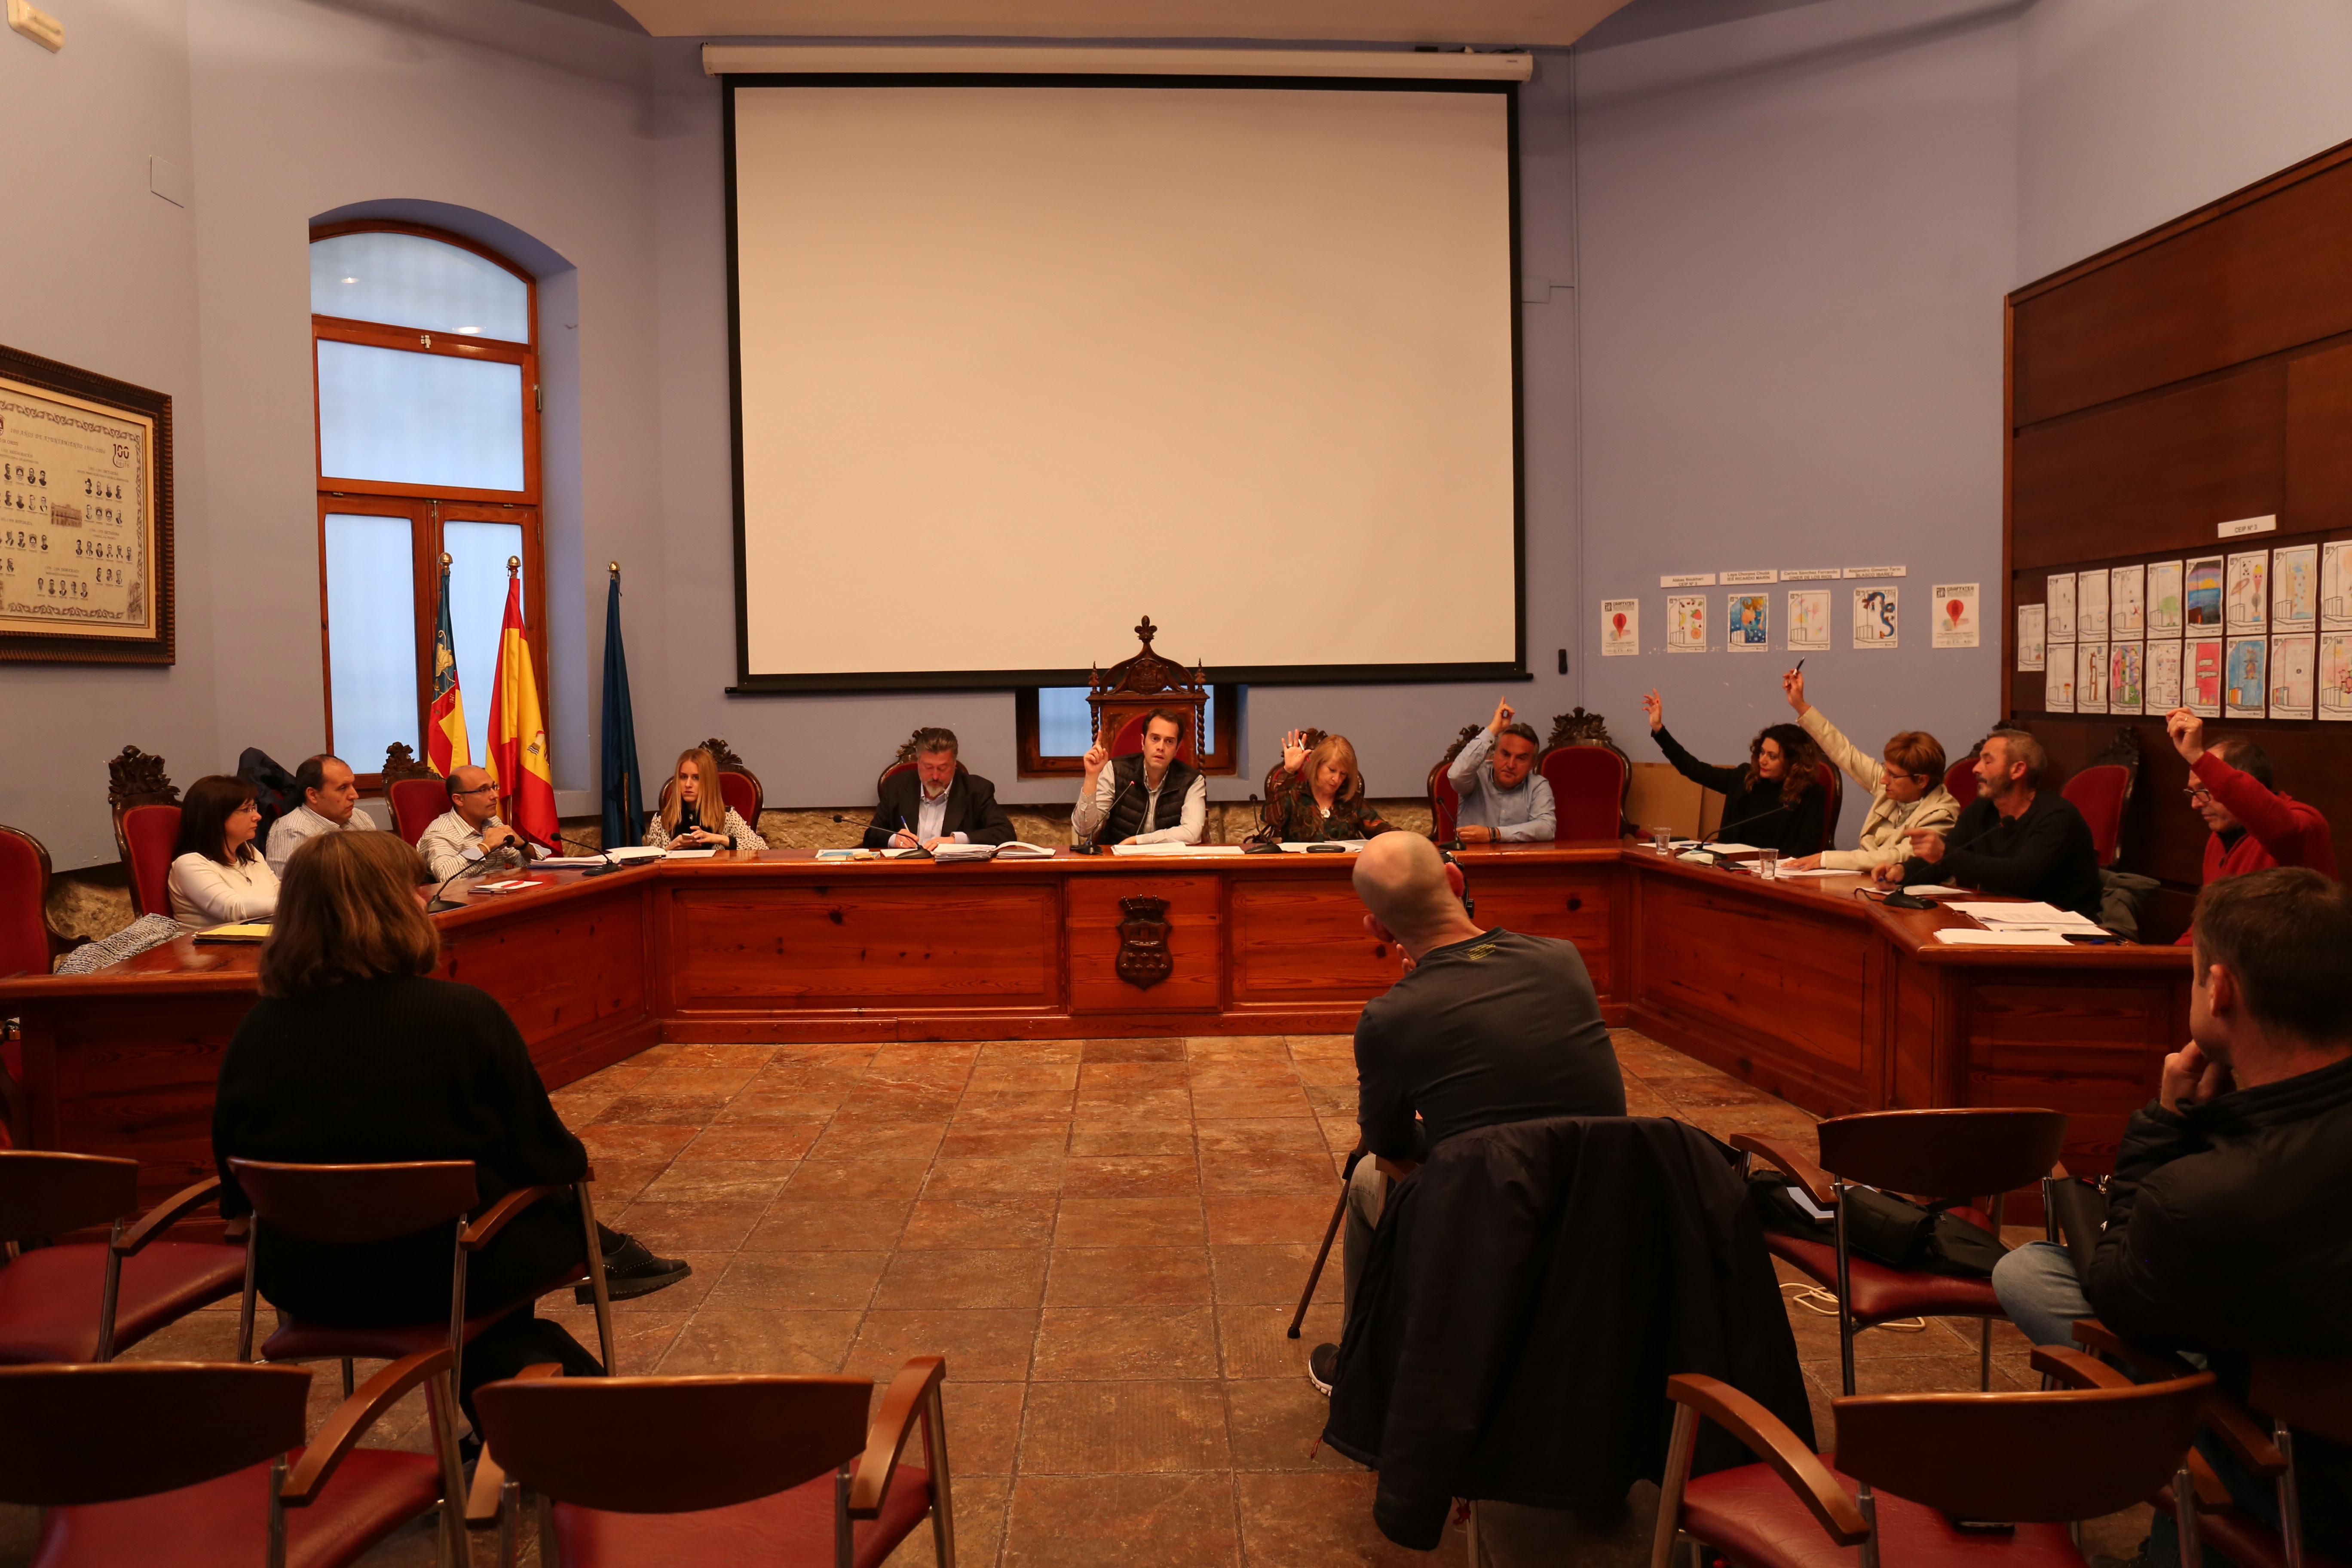 Sesión plenaria del Ayuntamiento de Cheste.